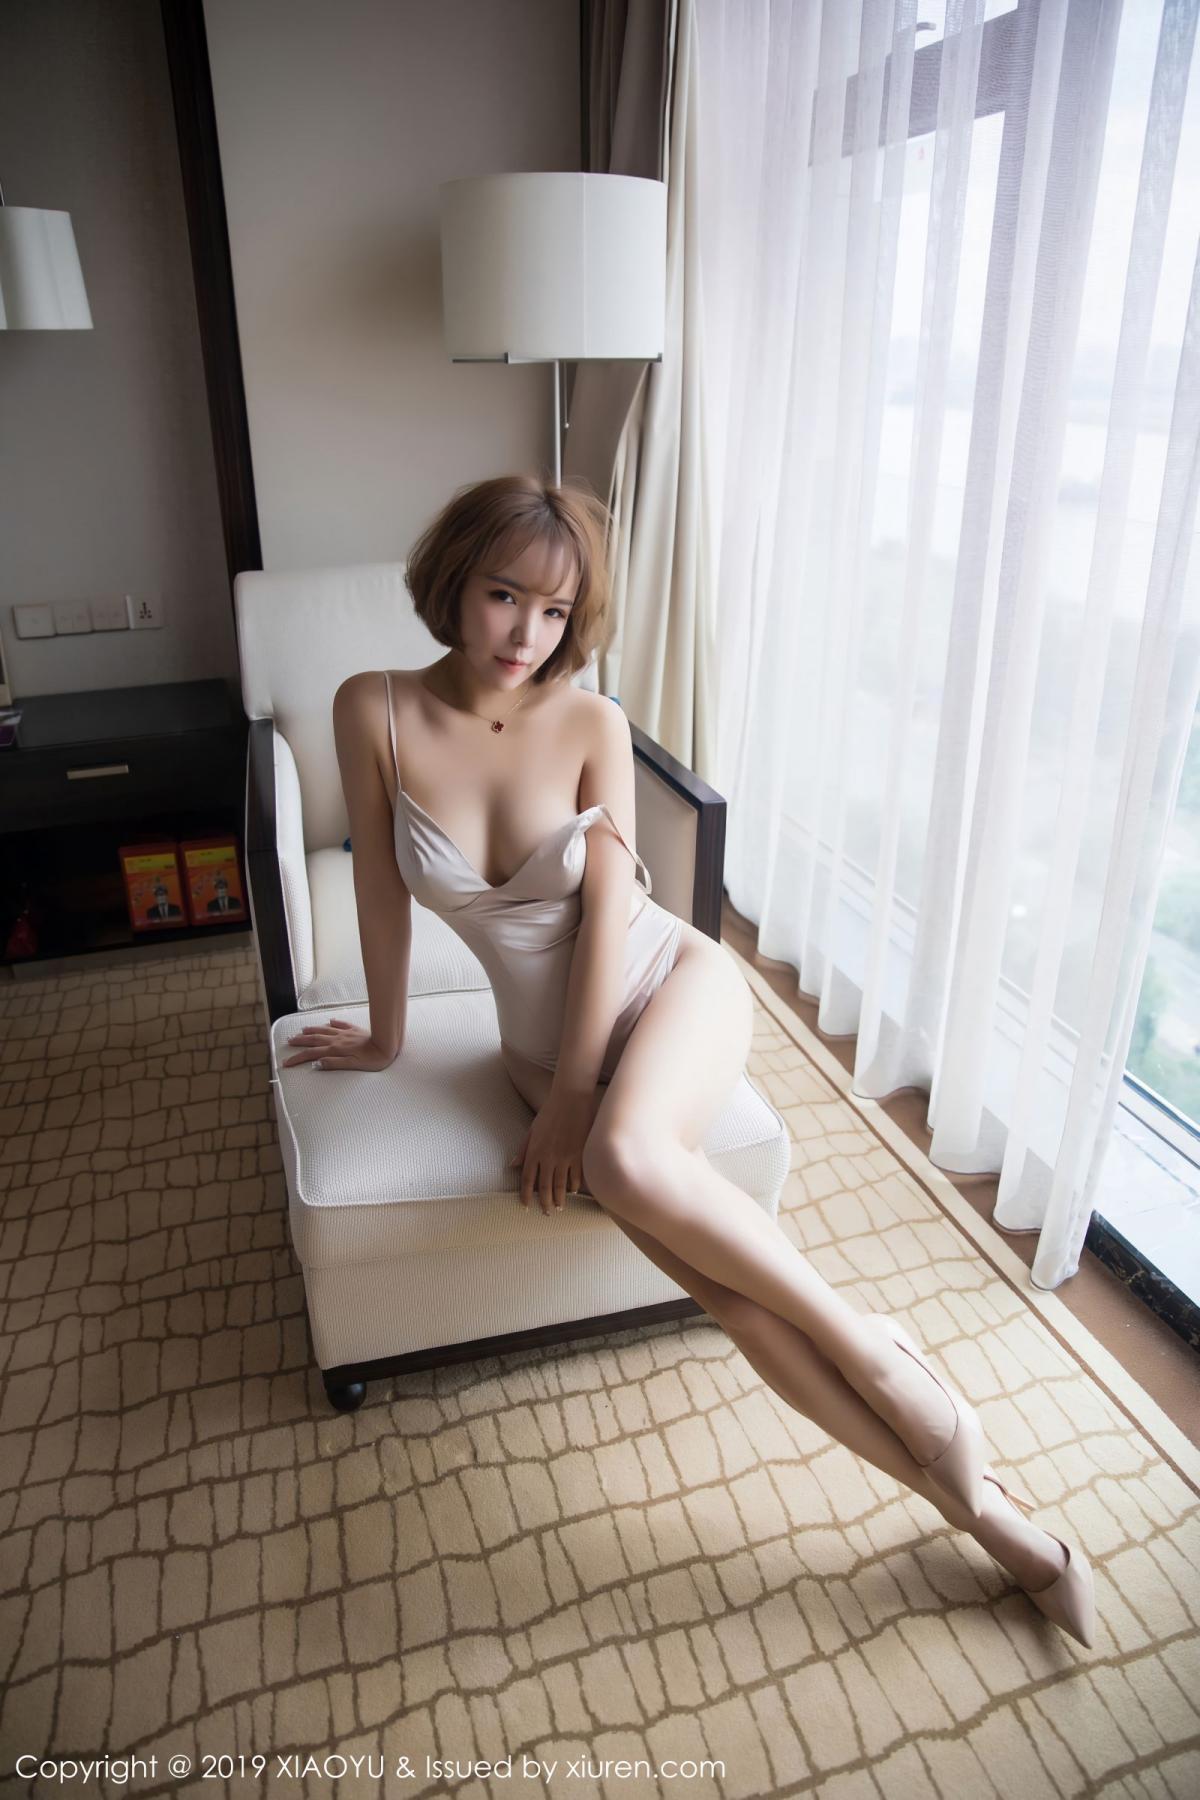 [XiaoYu] Vol.015 Chen Ya Wen 13P, Chen Ya Wen, Sexy, XiaoYu